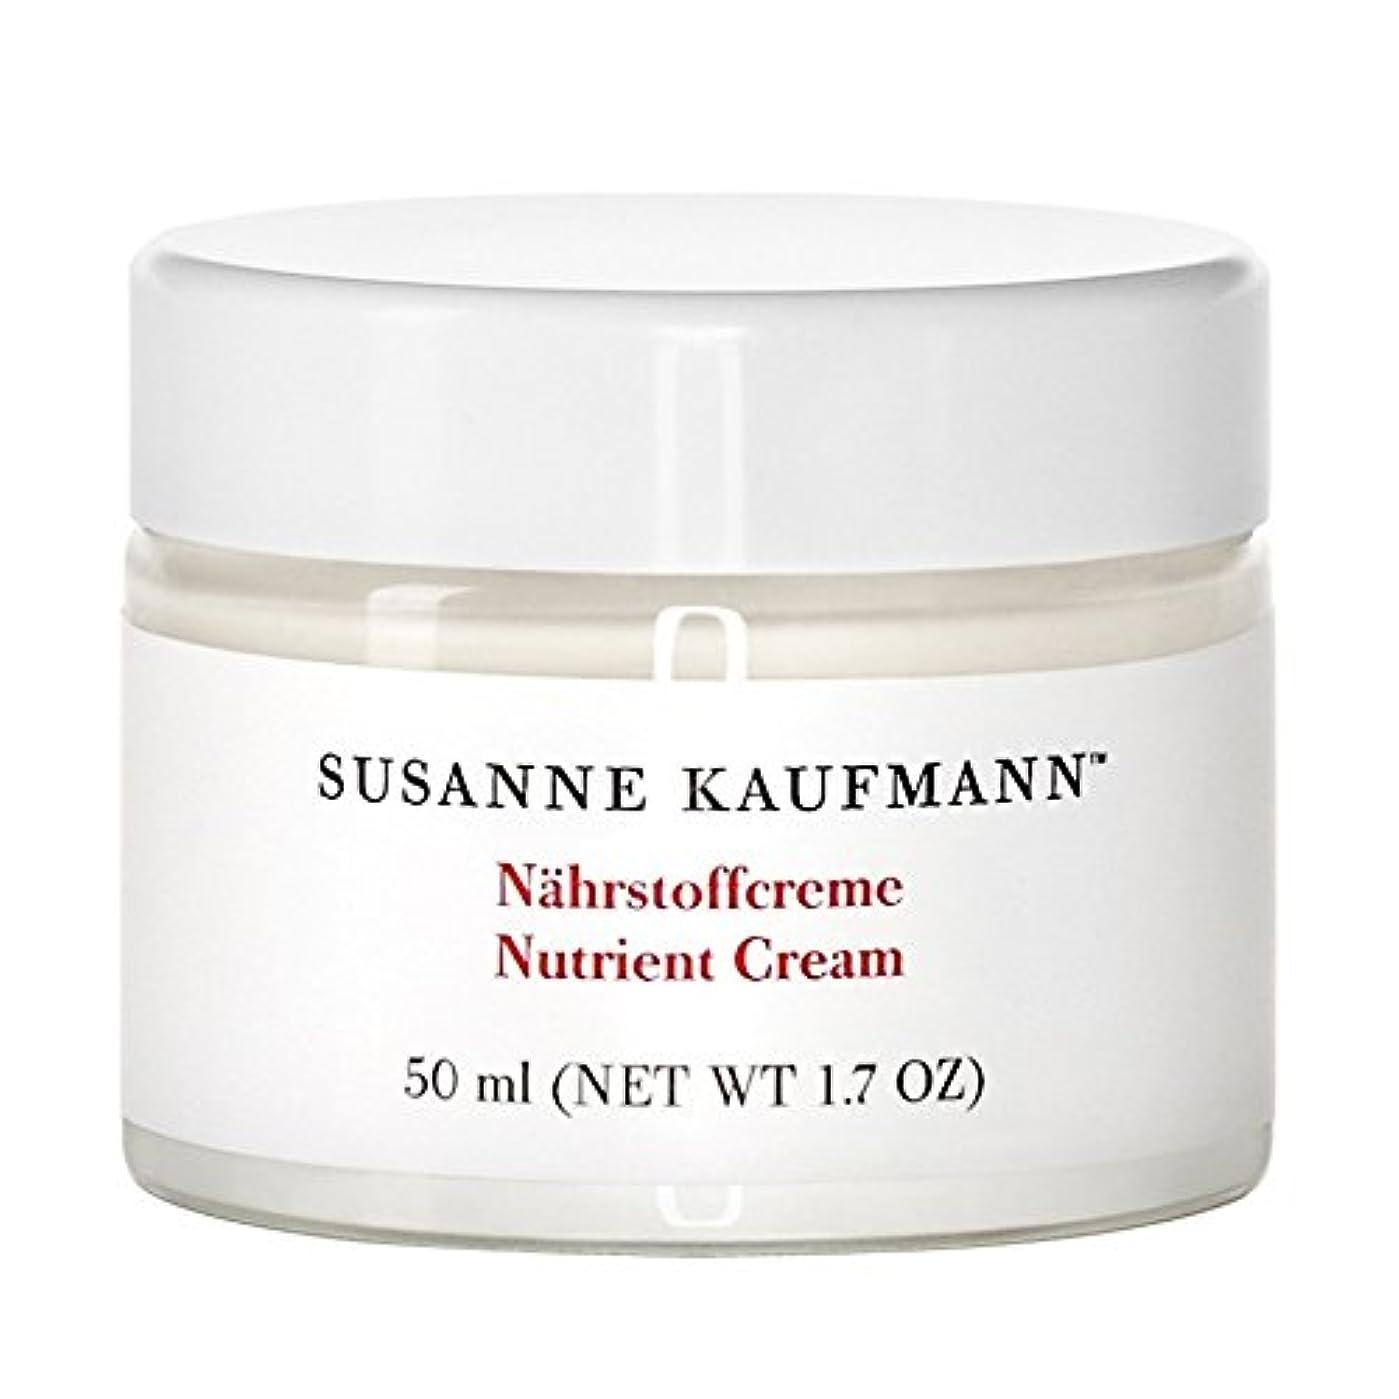 たとえはがき宇宙飛行士Susanne Kaufmann Nutrient Cream 50ml - スザンヌカウフマン栄養クリーム50 [並行輸入品]